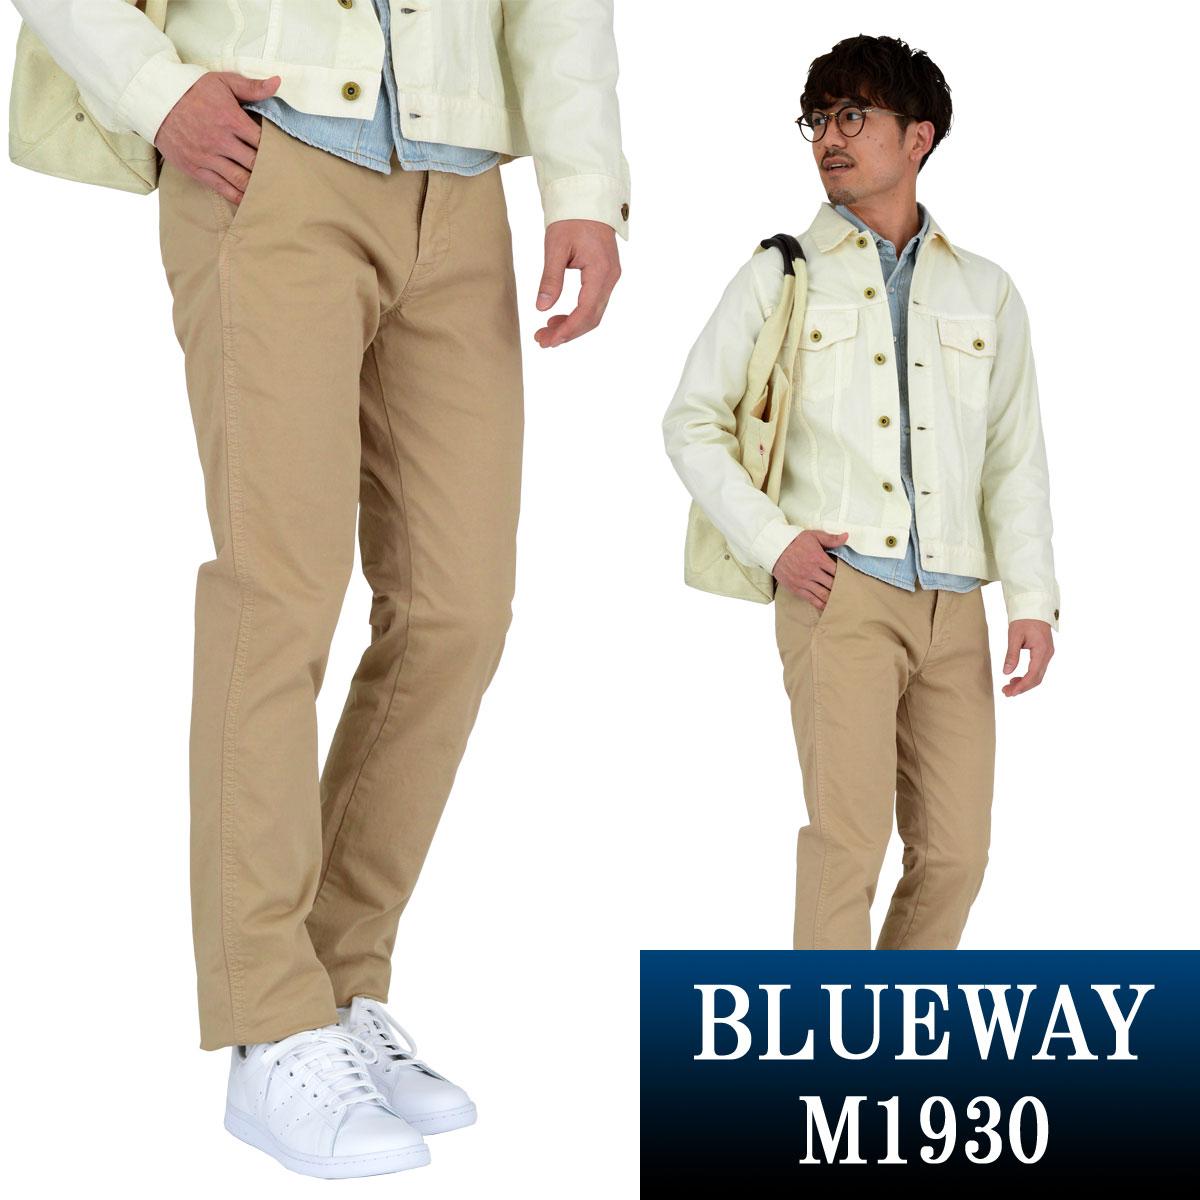 BLUEWAY:コーマストレッチサテン・トラウザーズ(ライトブラウン):M1930-51 ブルーウェイ パンツ メンズ チノパン 裾上げ